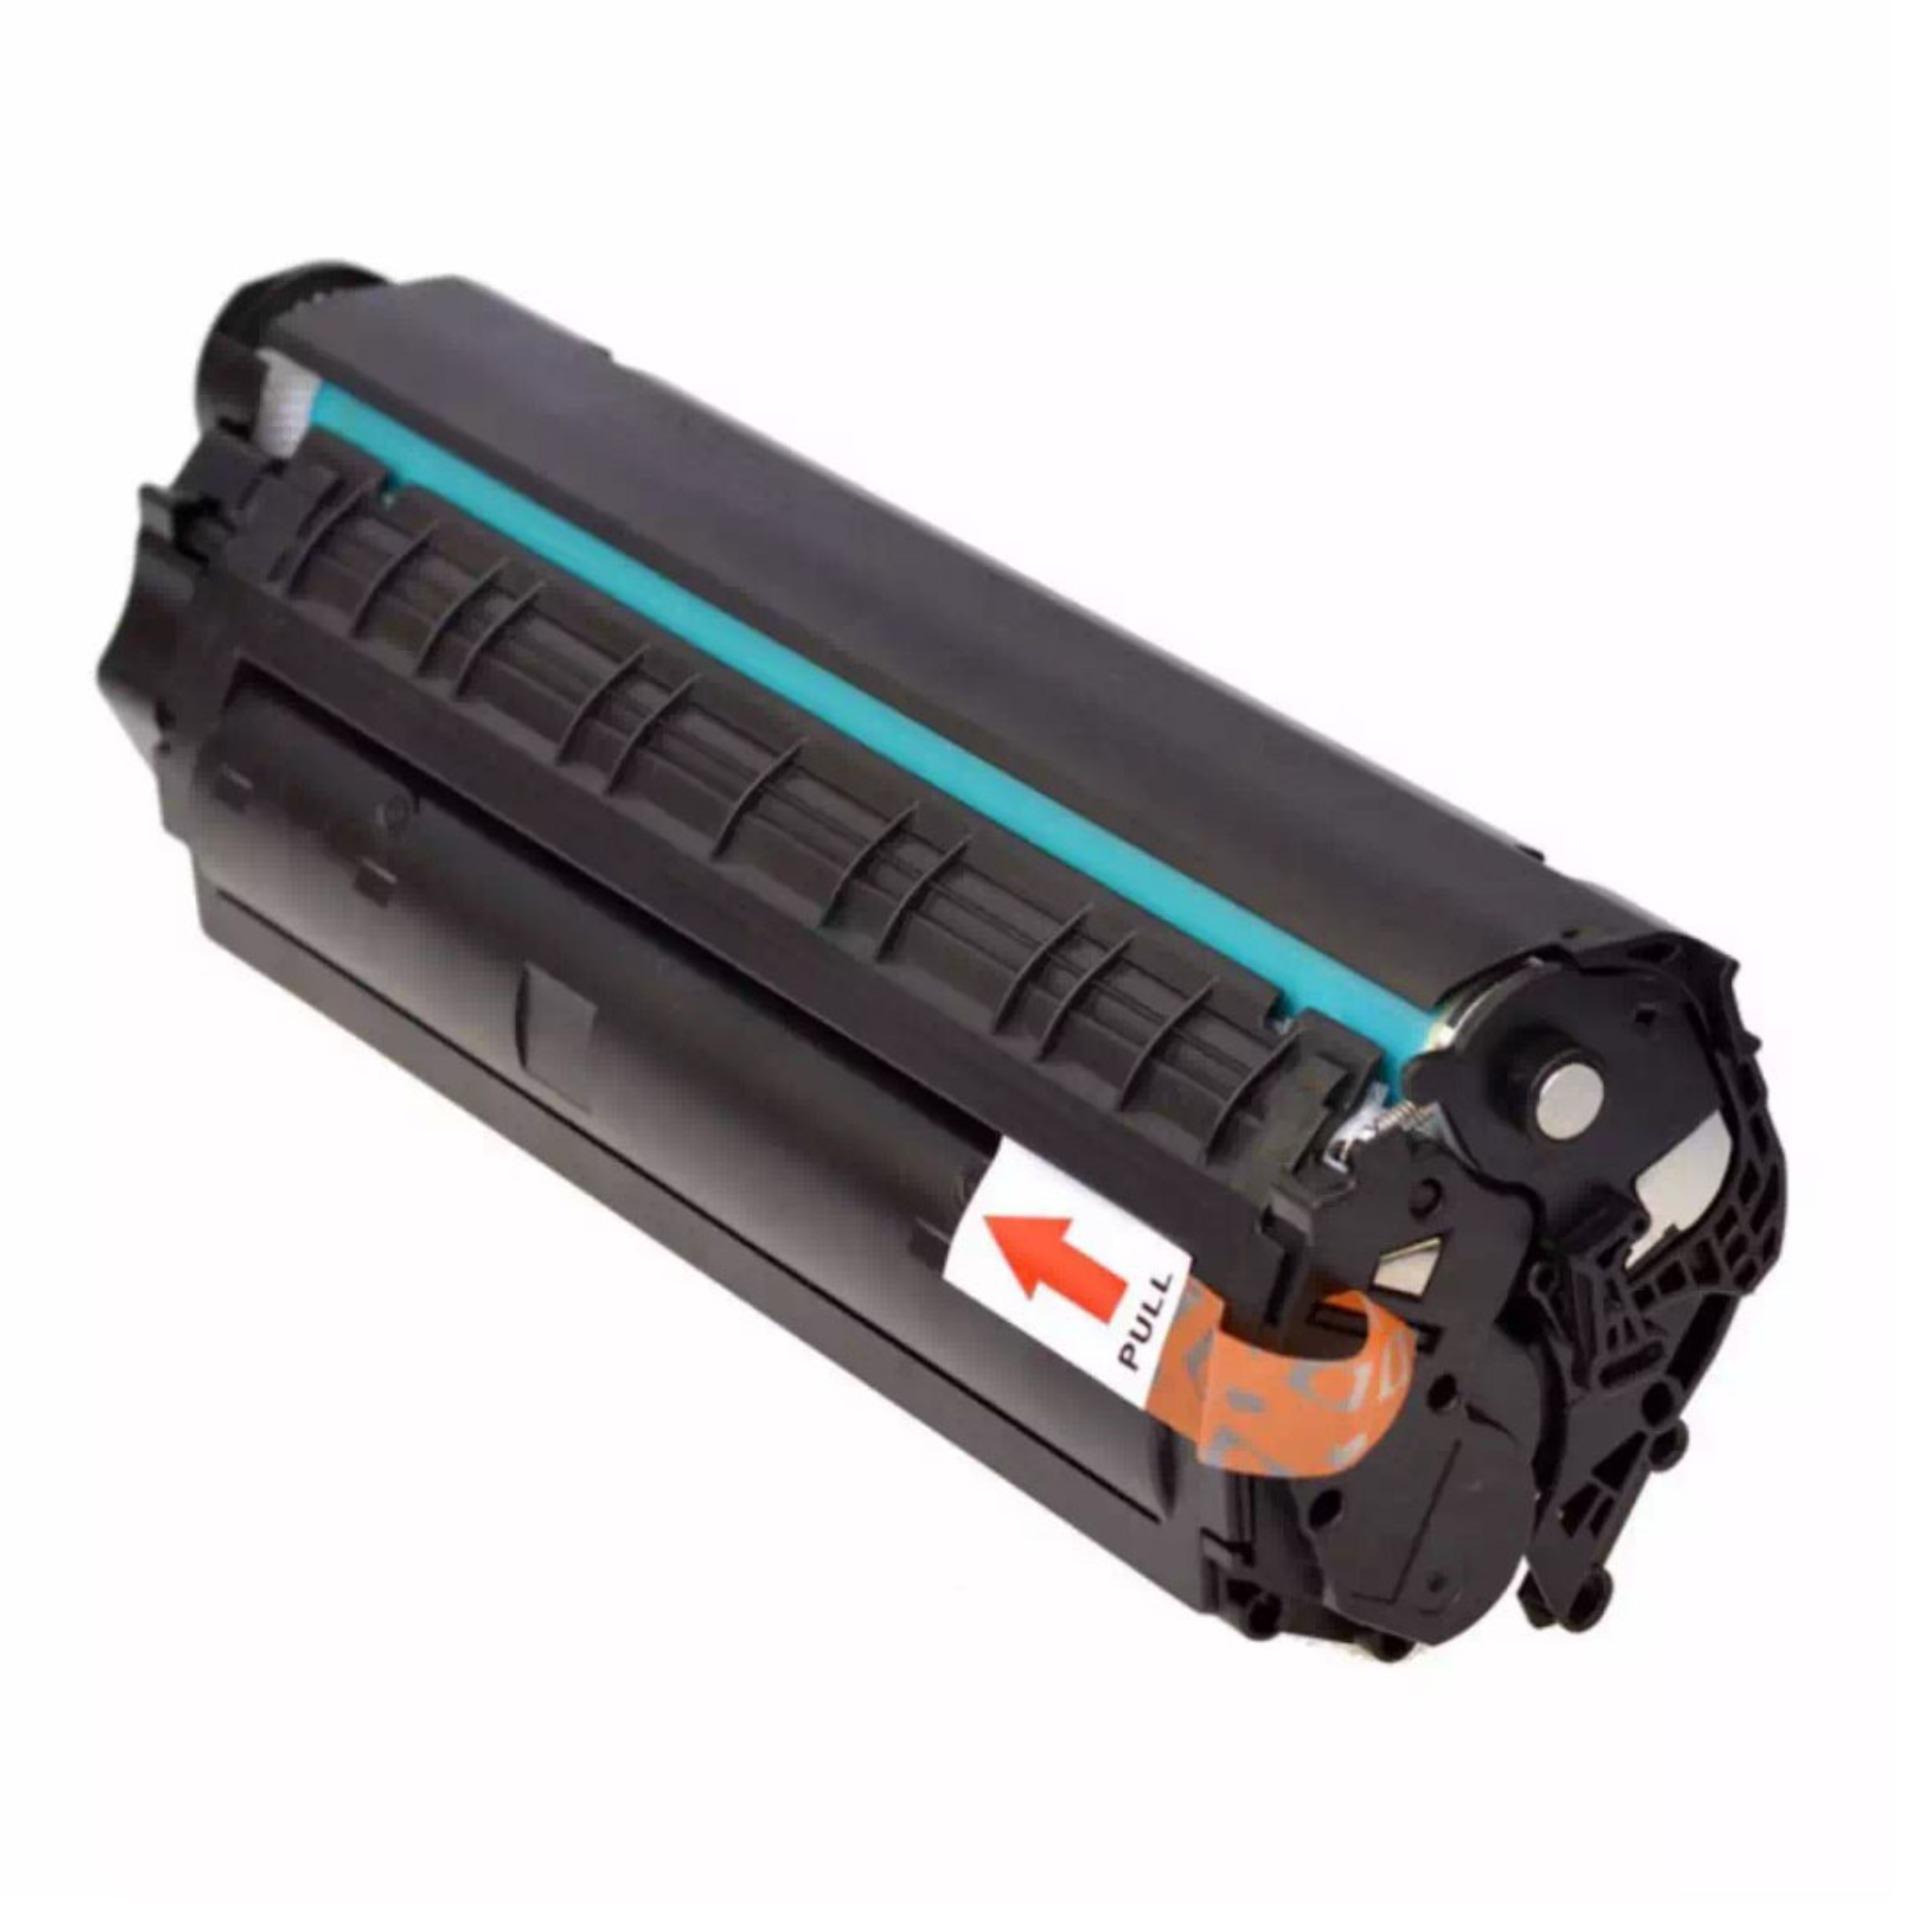 Hình ảnh Hộp mực máy in Canon LBP 2900